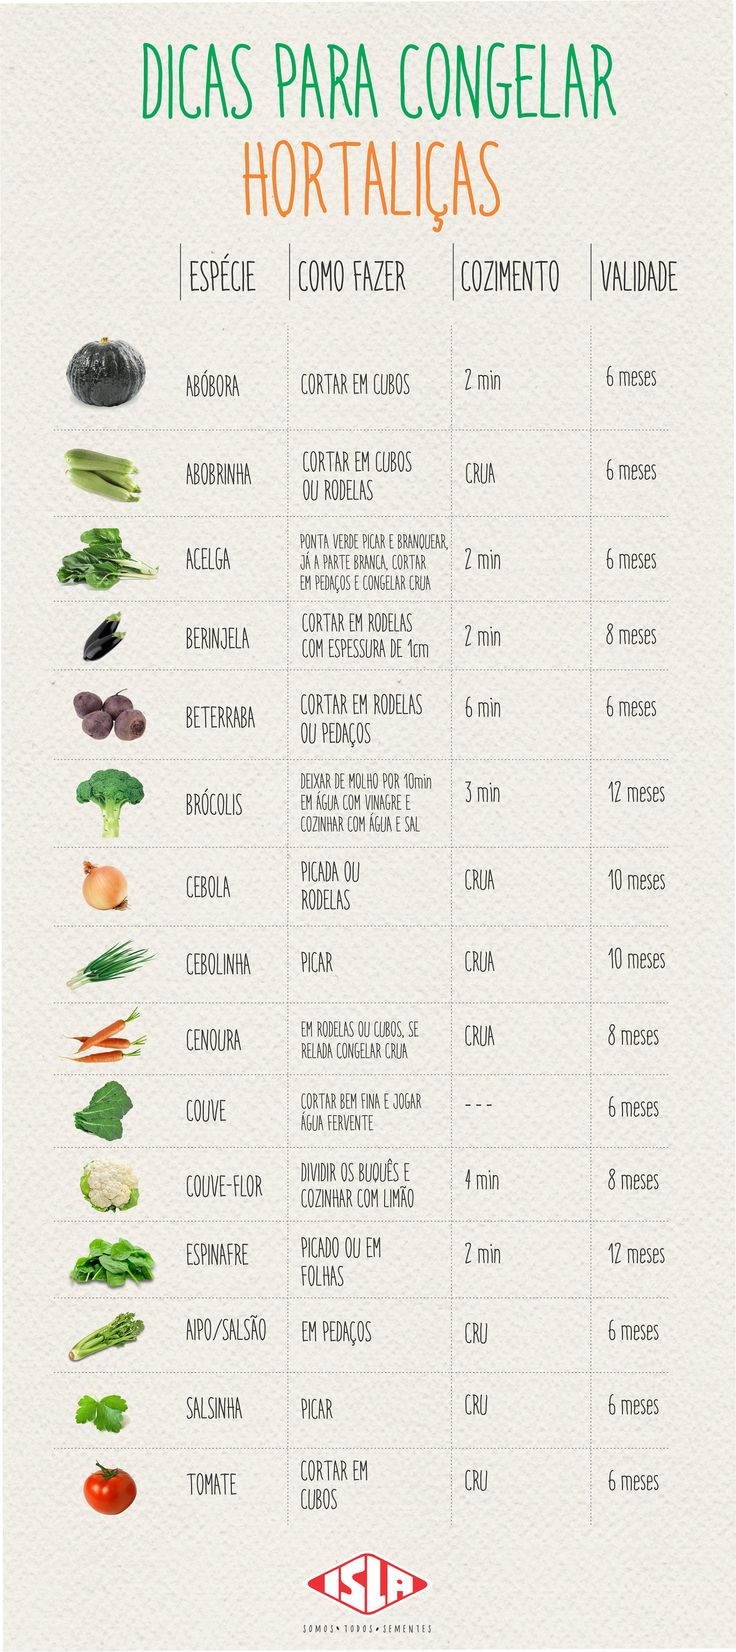 Dicas para congelar hortaliças